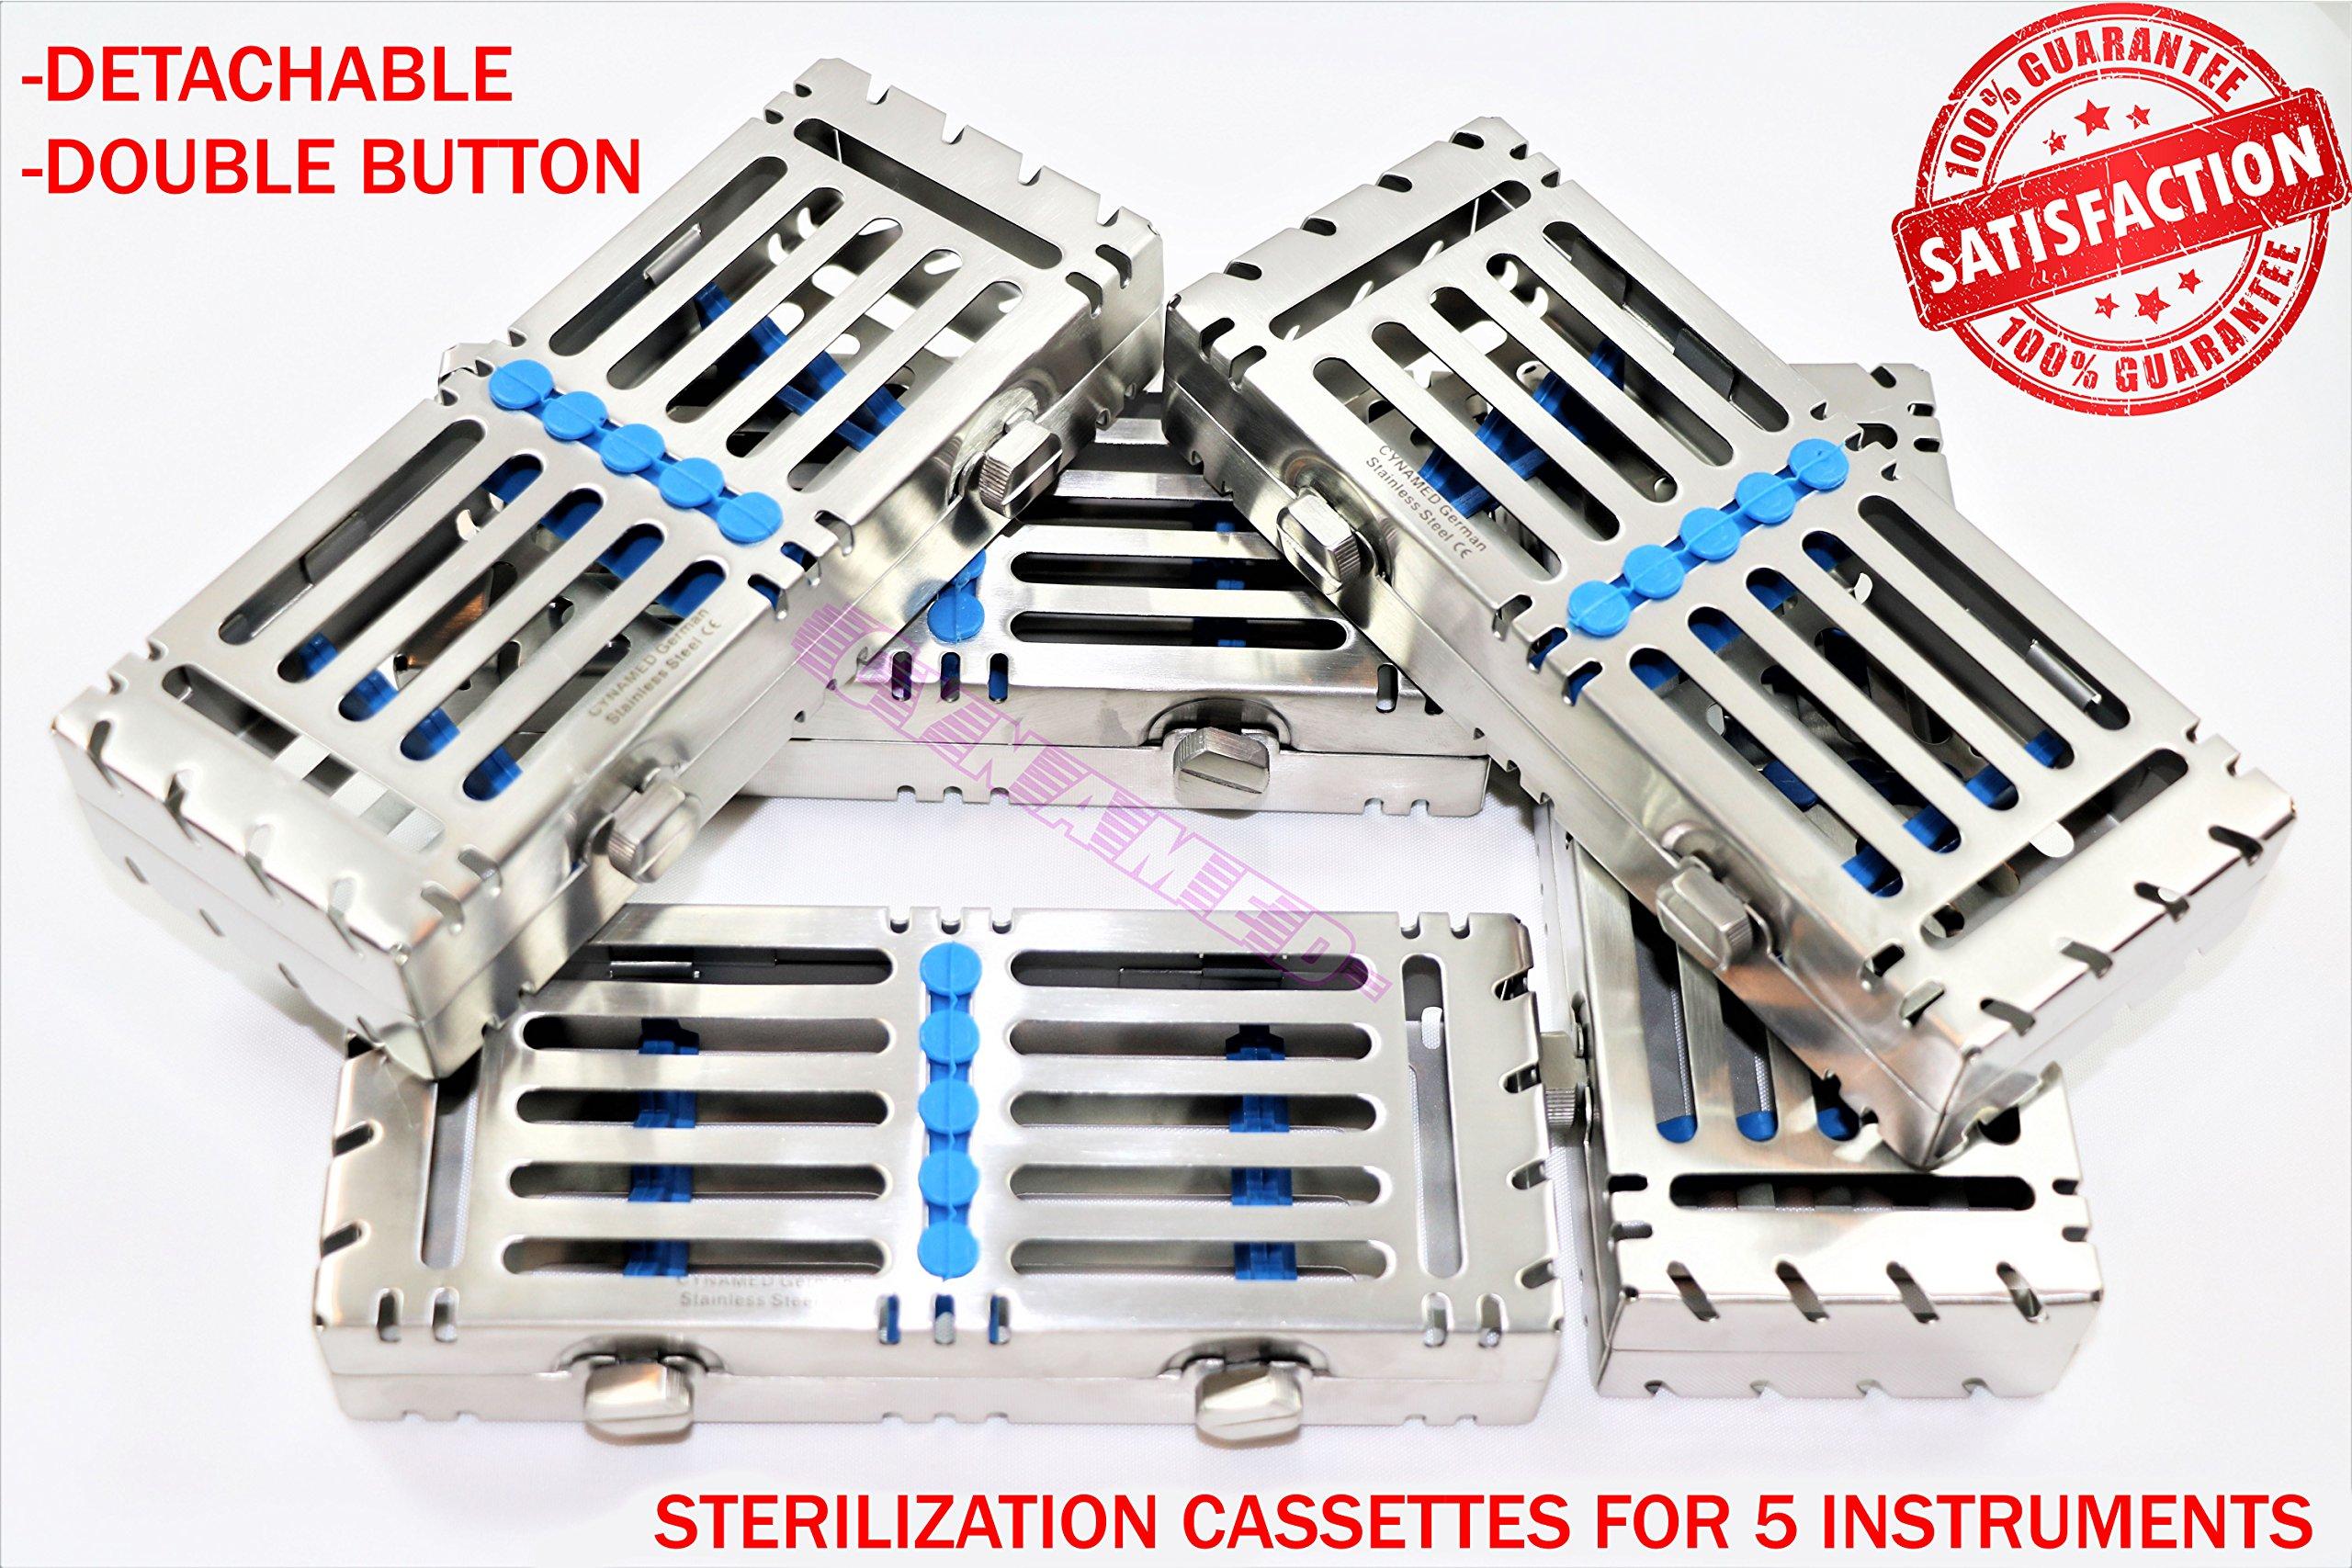 Double Button Detachable AUTOCLAVABLE Sterilization Trays 5PCS German Grade Blue [CYNAMED]